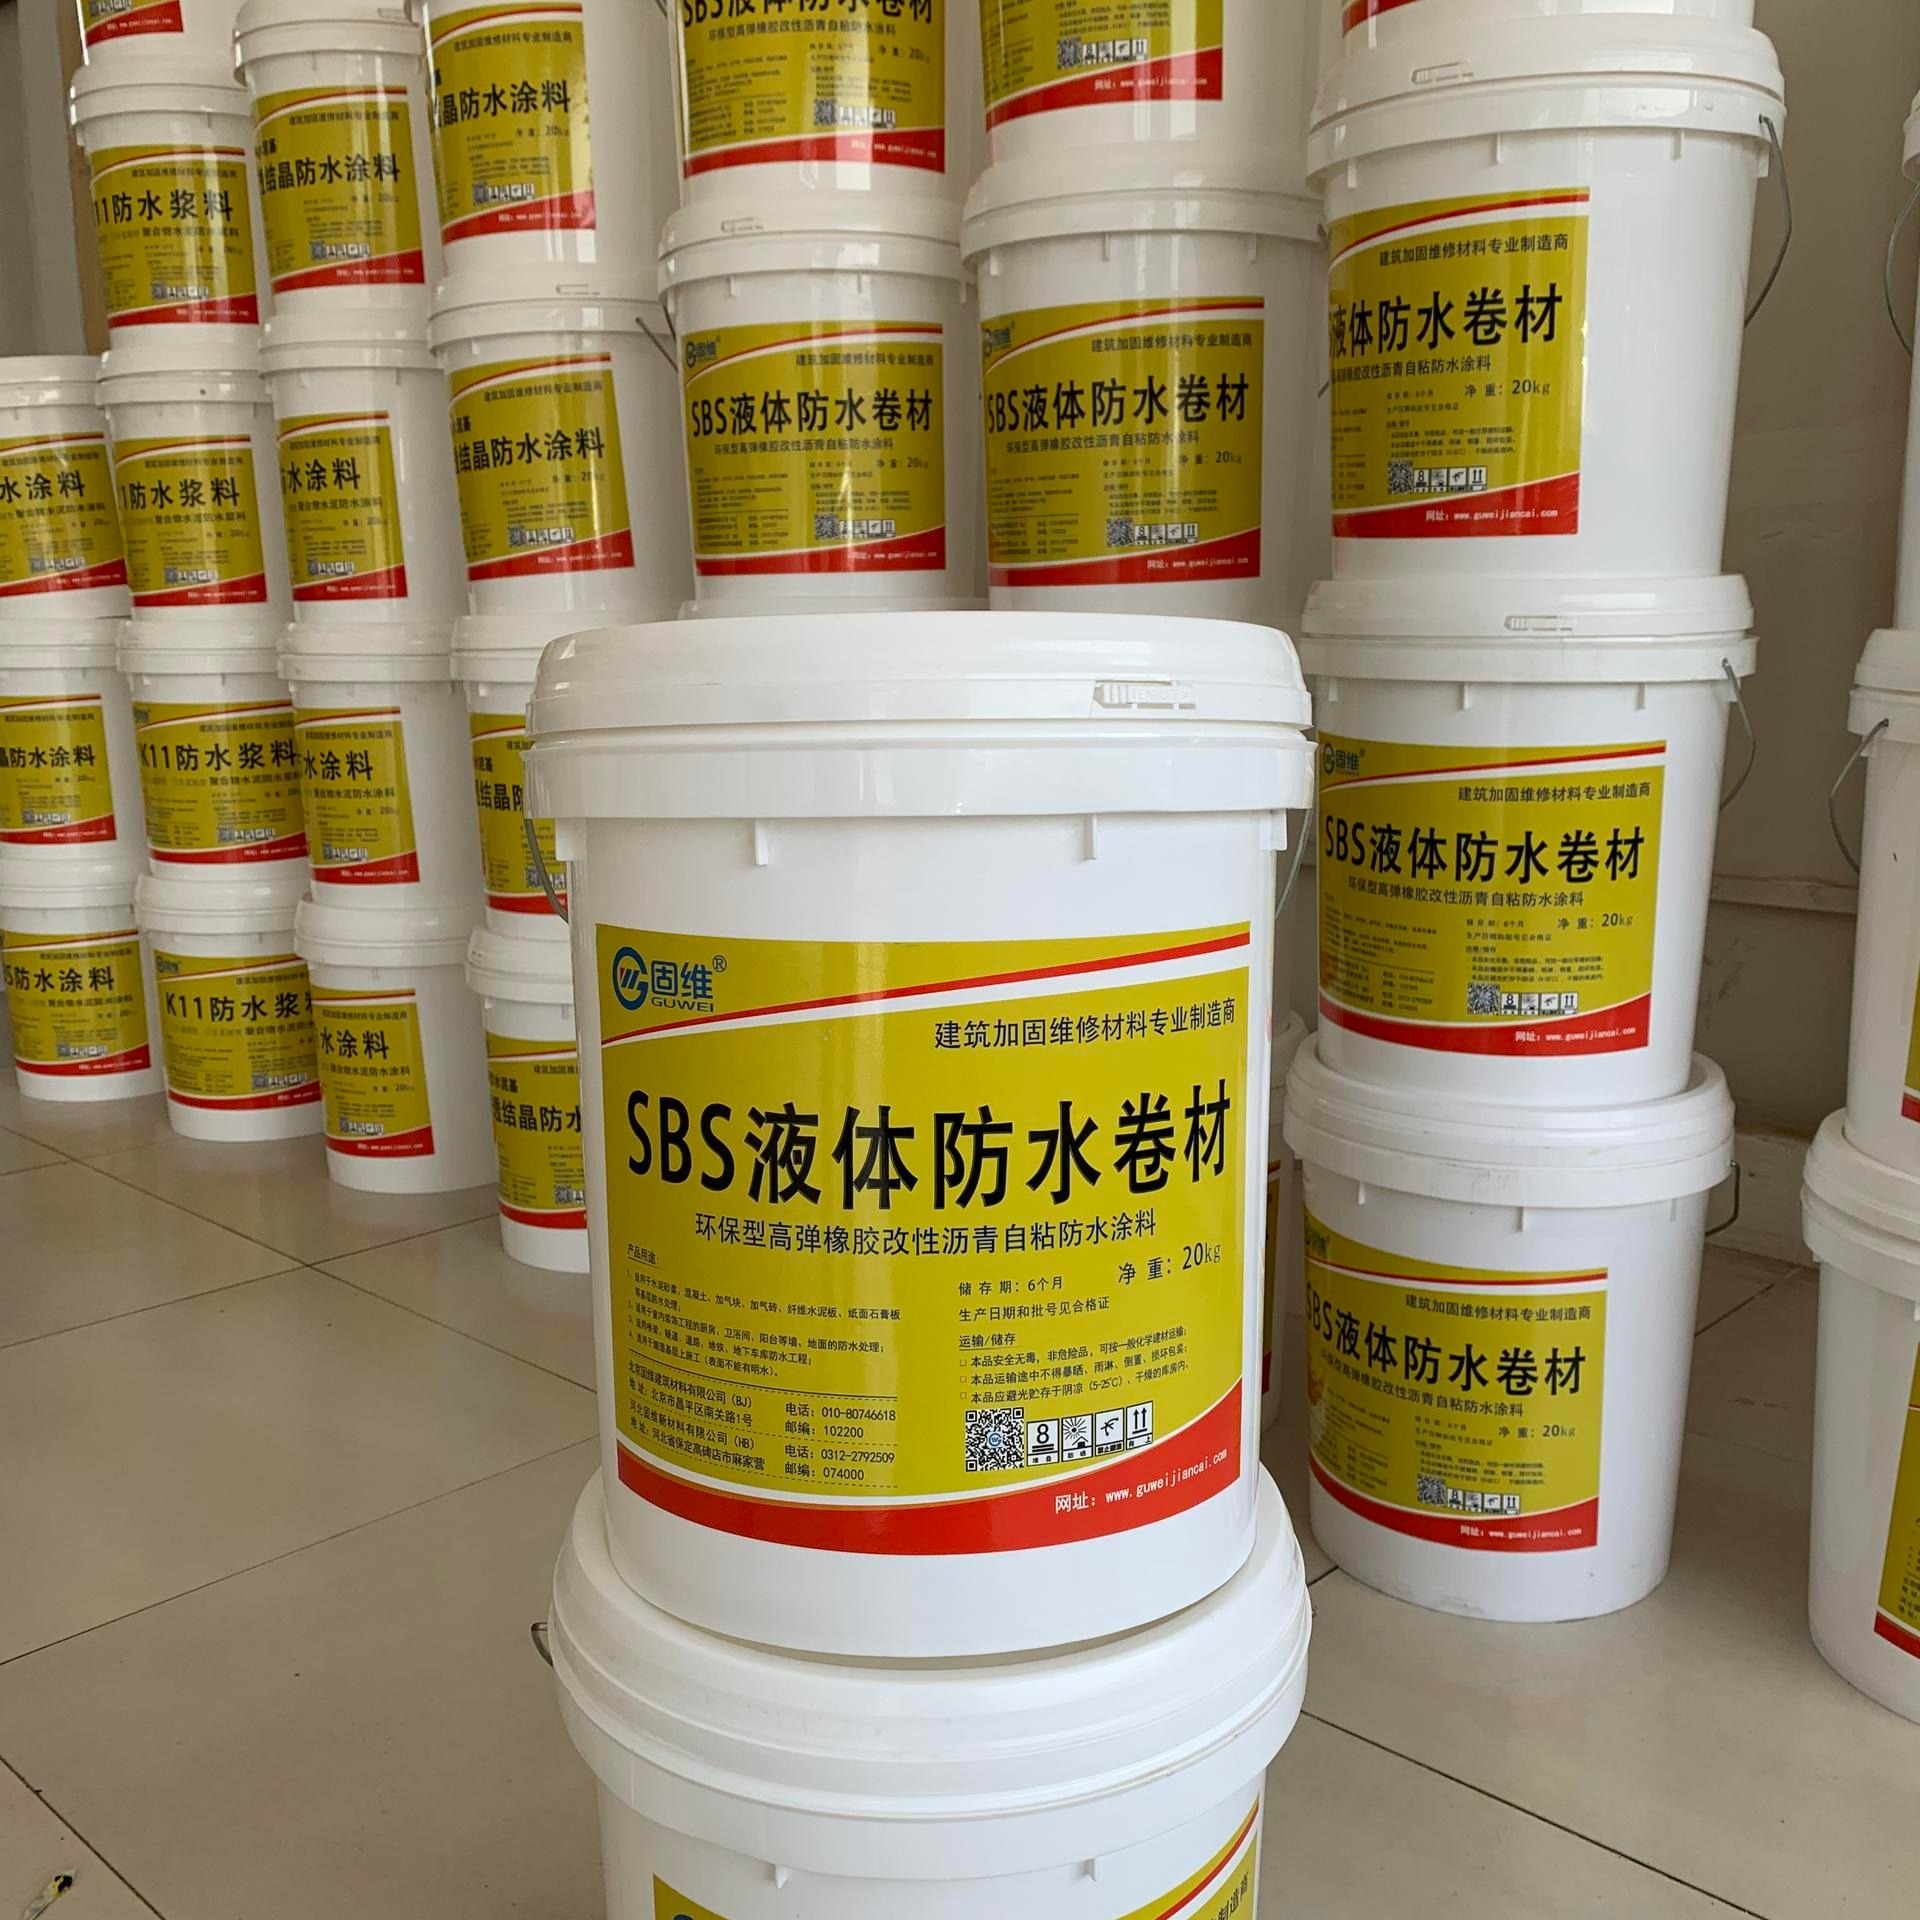 sbs液体防水卷材产品特点与用途